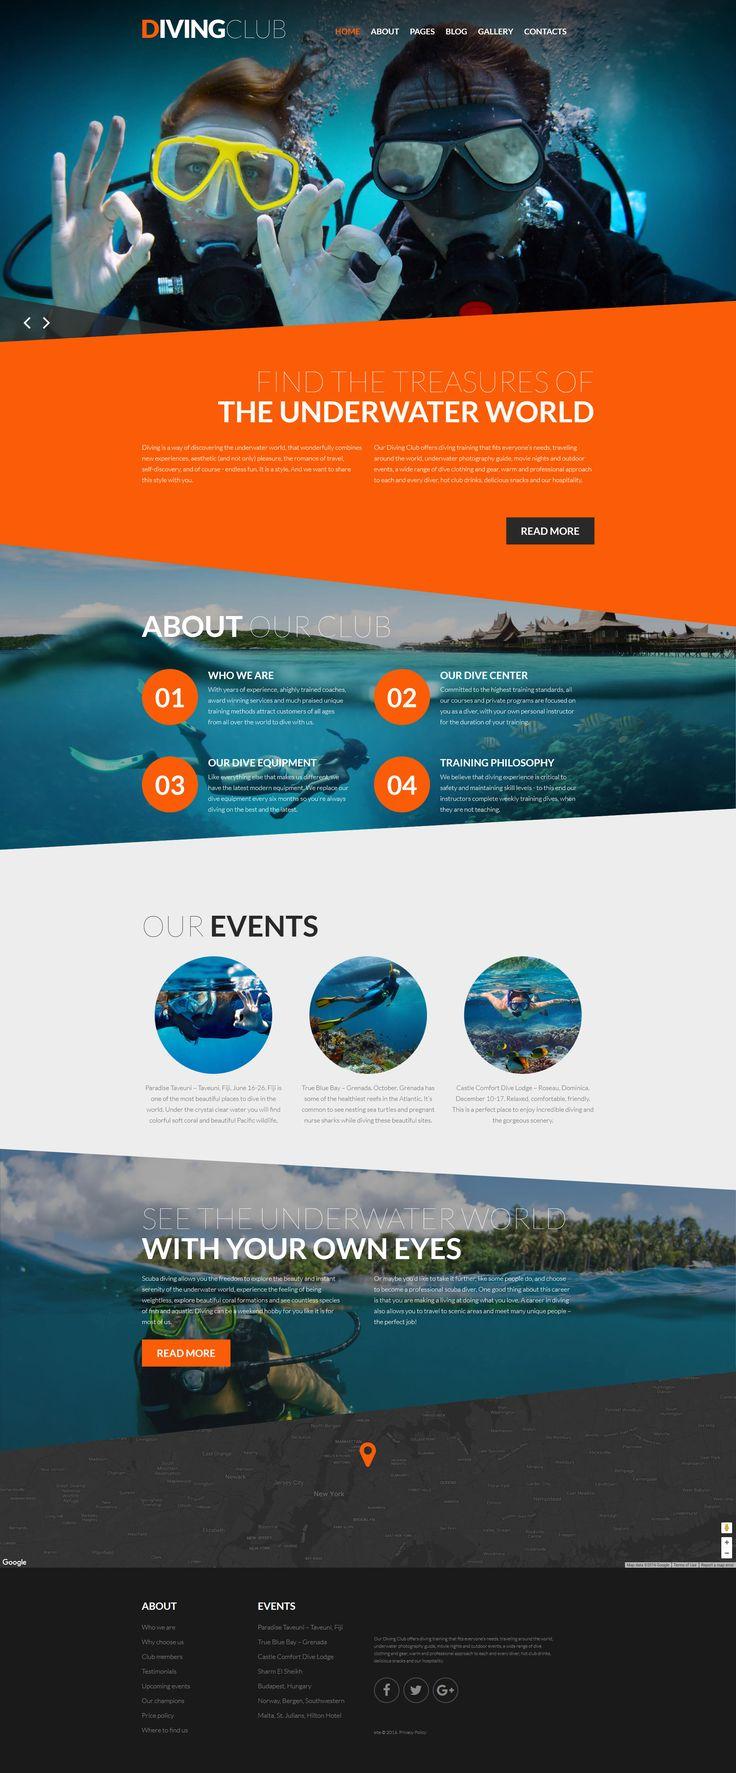 Diving Responsive Joomla Template - https://www.templatemonster.com/joomla-templates/diving-responsive-joomla-template-61260.html